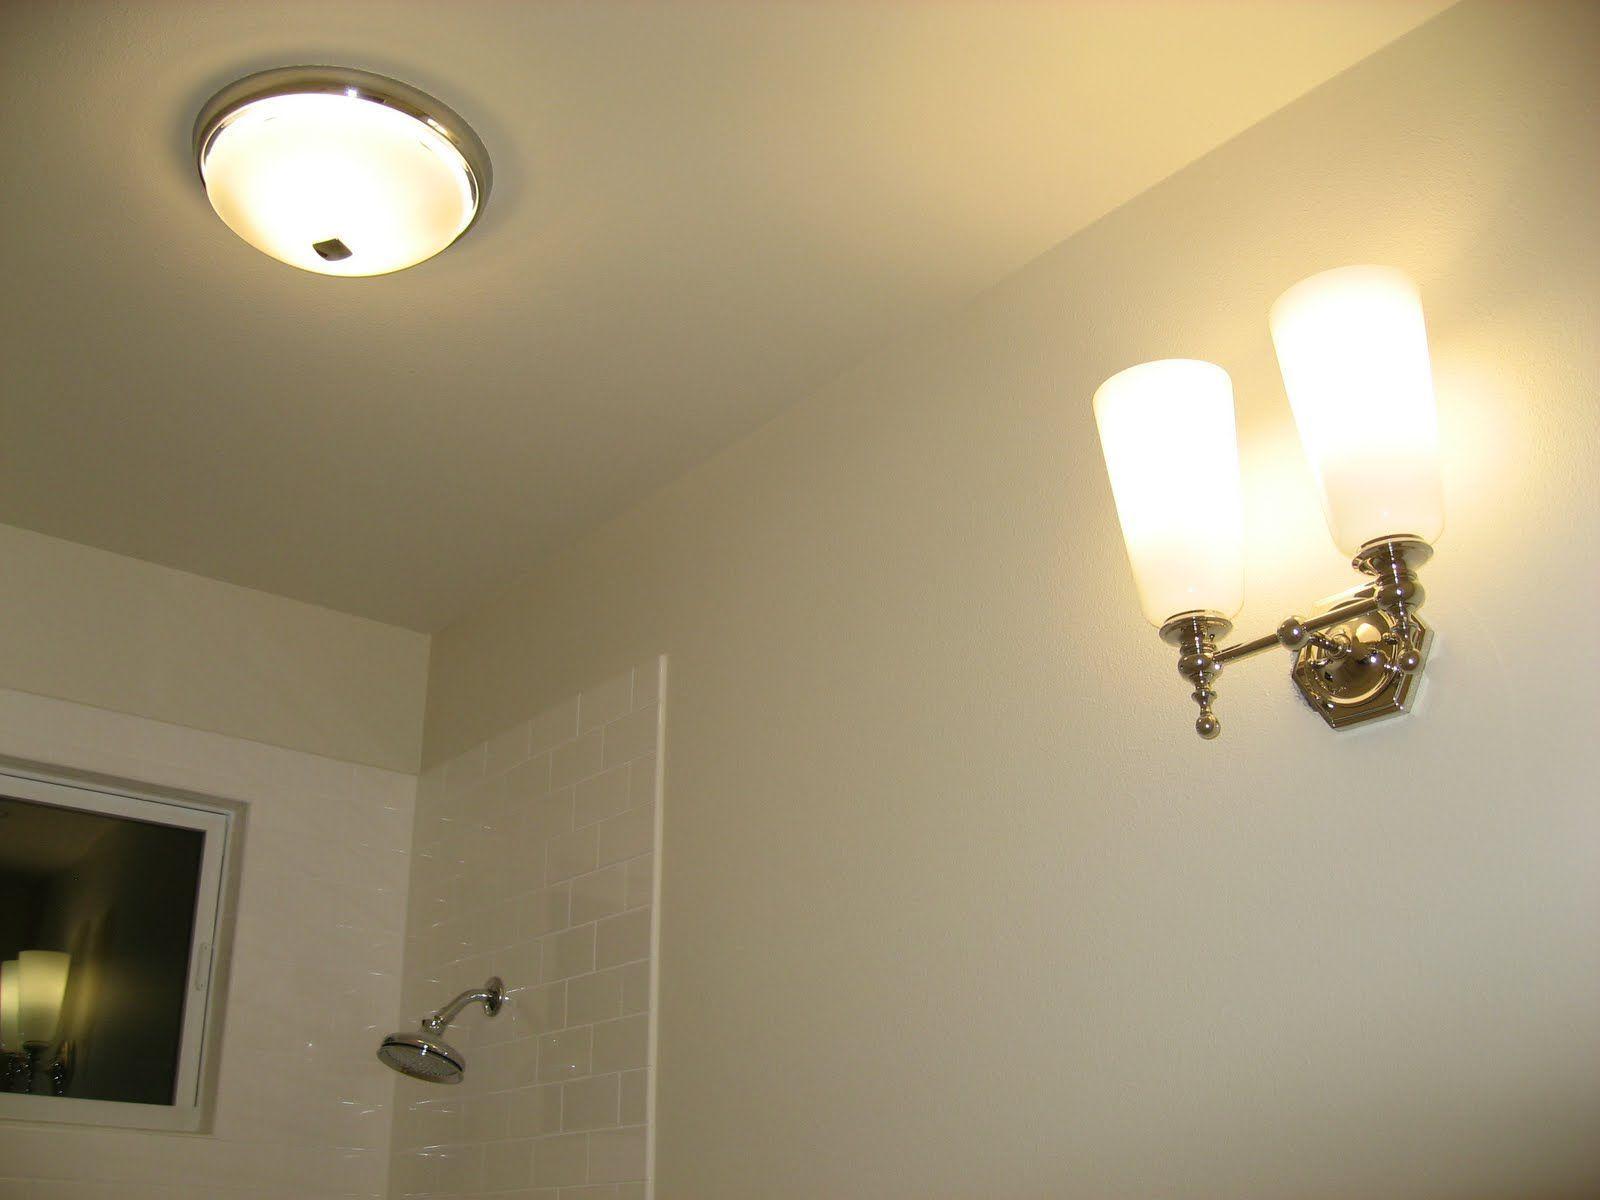 Classy 40 Bathroom Exhaust Fan Light Not Working ...